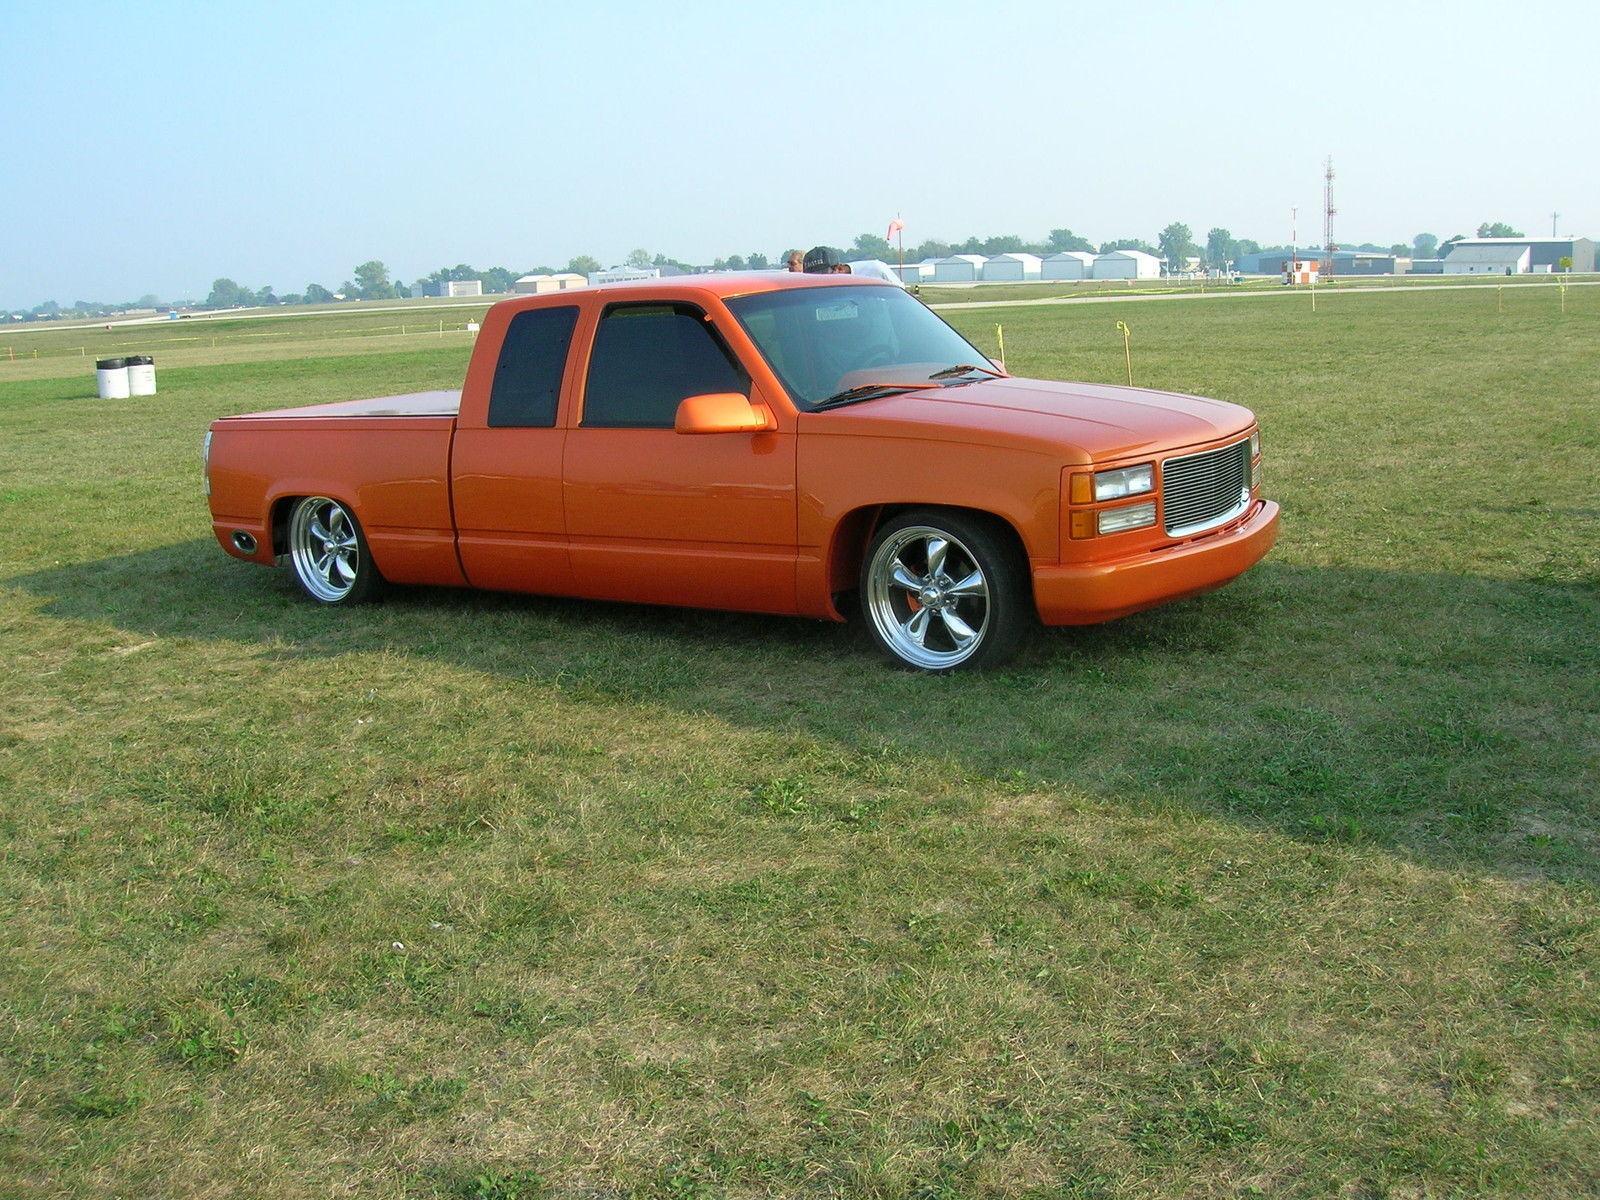 Show Trucks Classifieds - mautofied.com